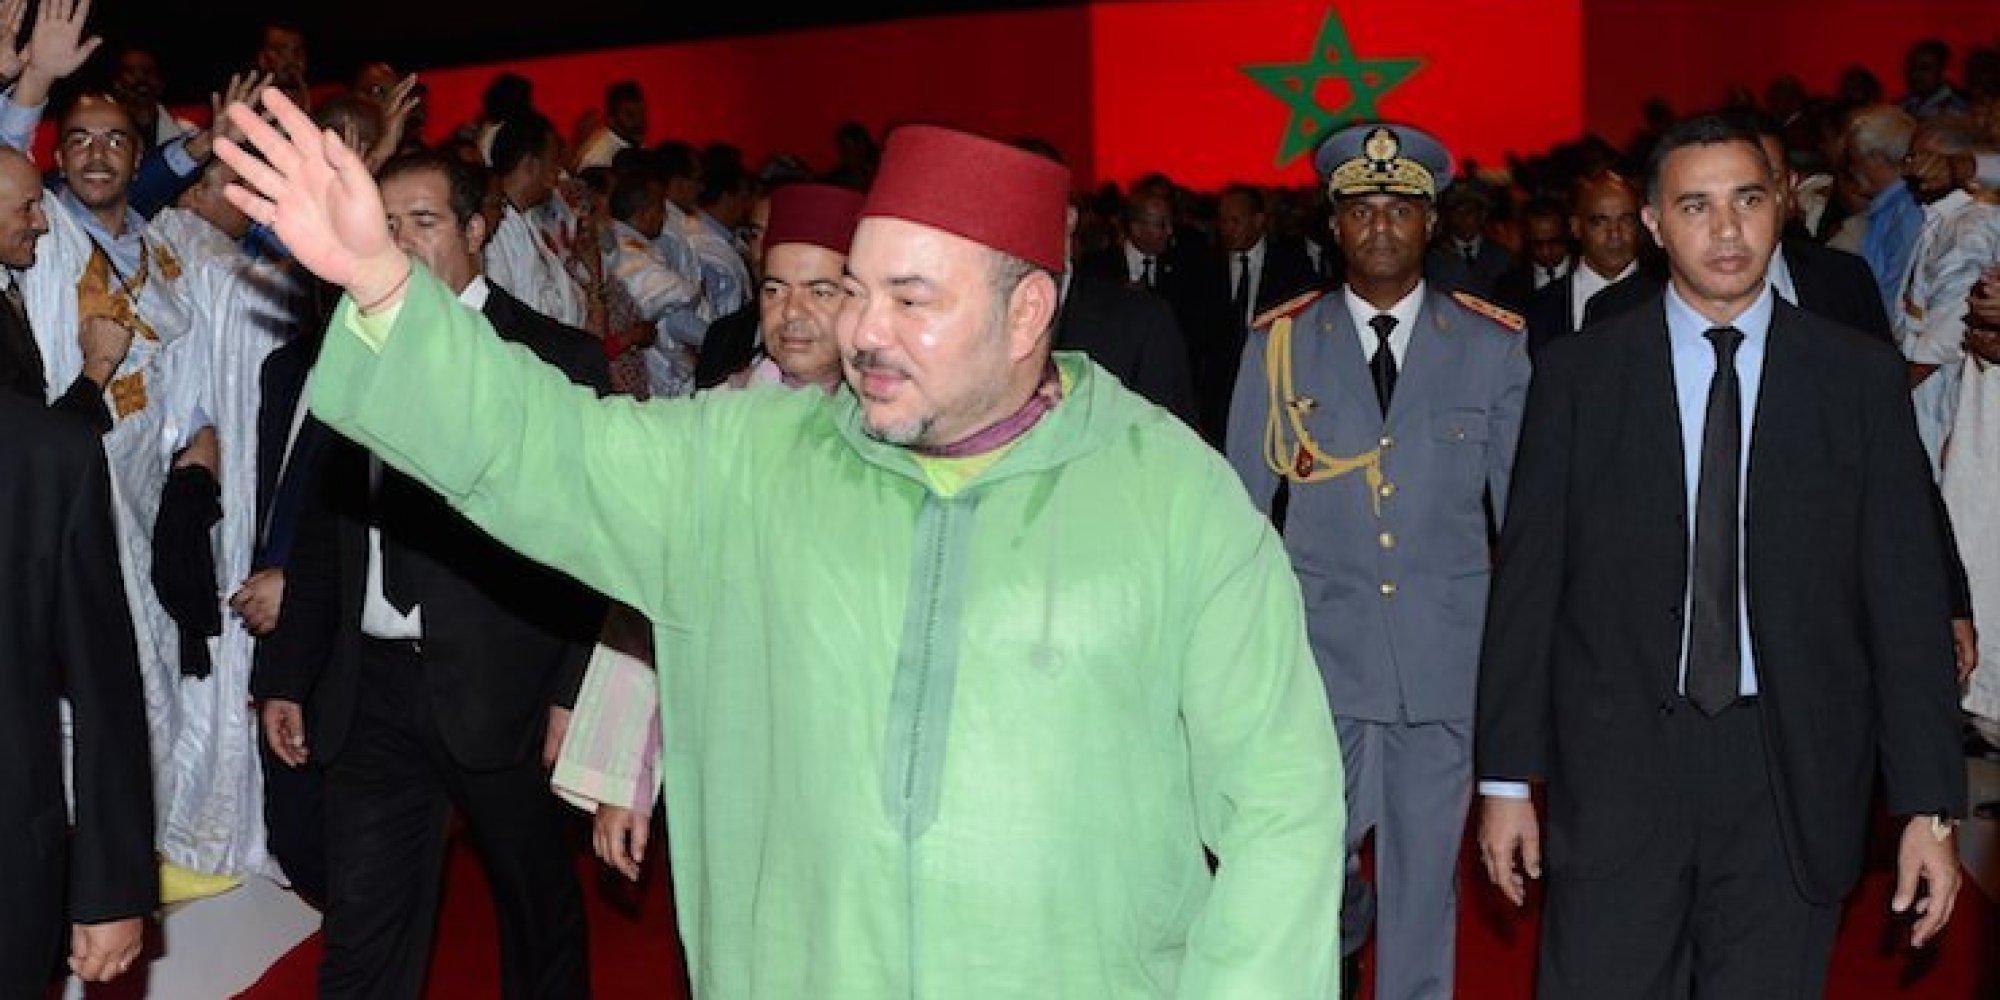 الملك محمد السادس خلال زيارة سابقة له إلى الأقاليم الجنوبية